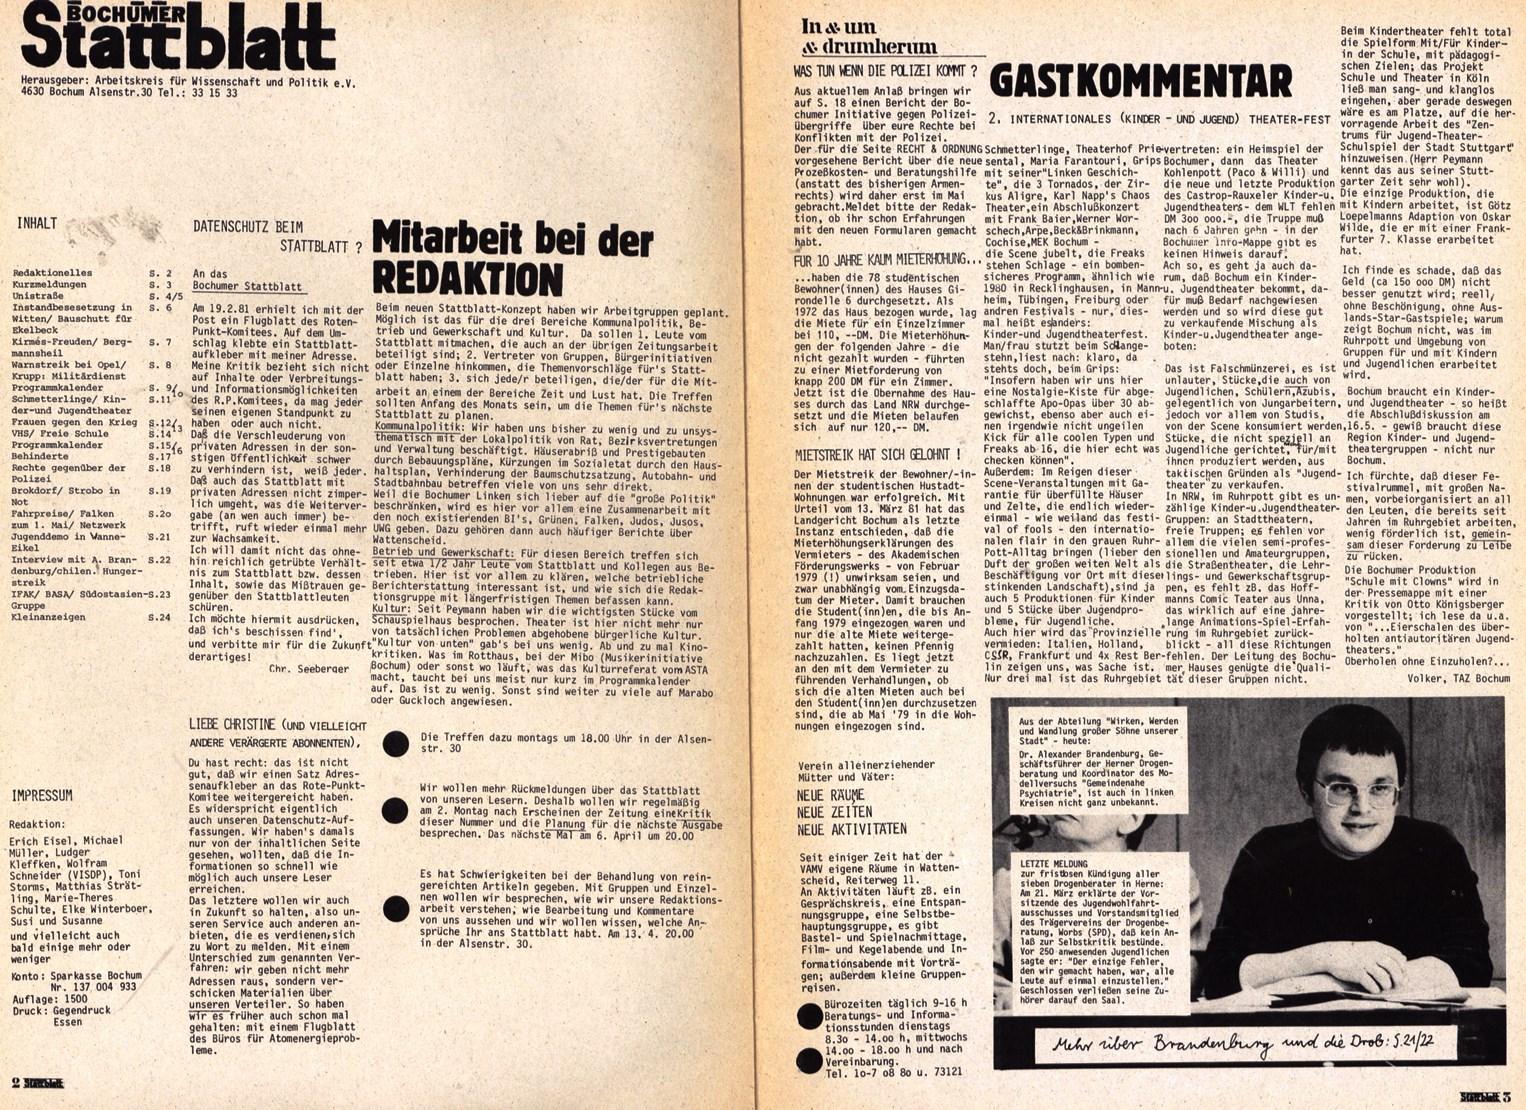 Bochum_Stattblatt_19810400_47_02